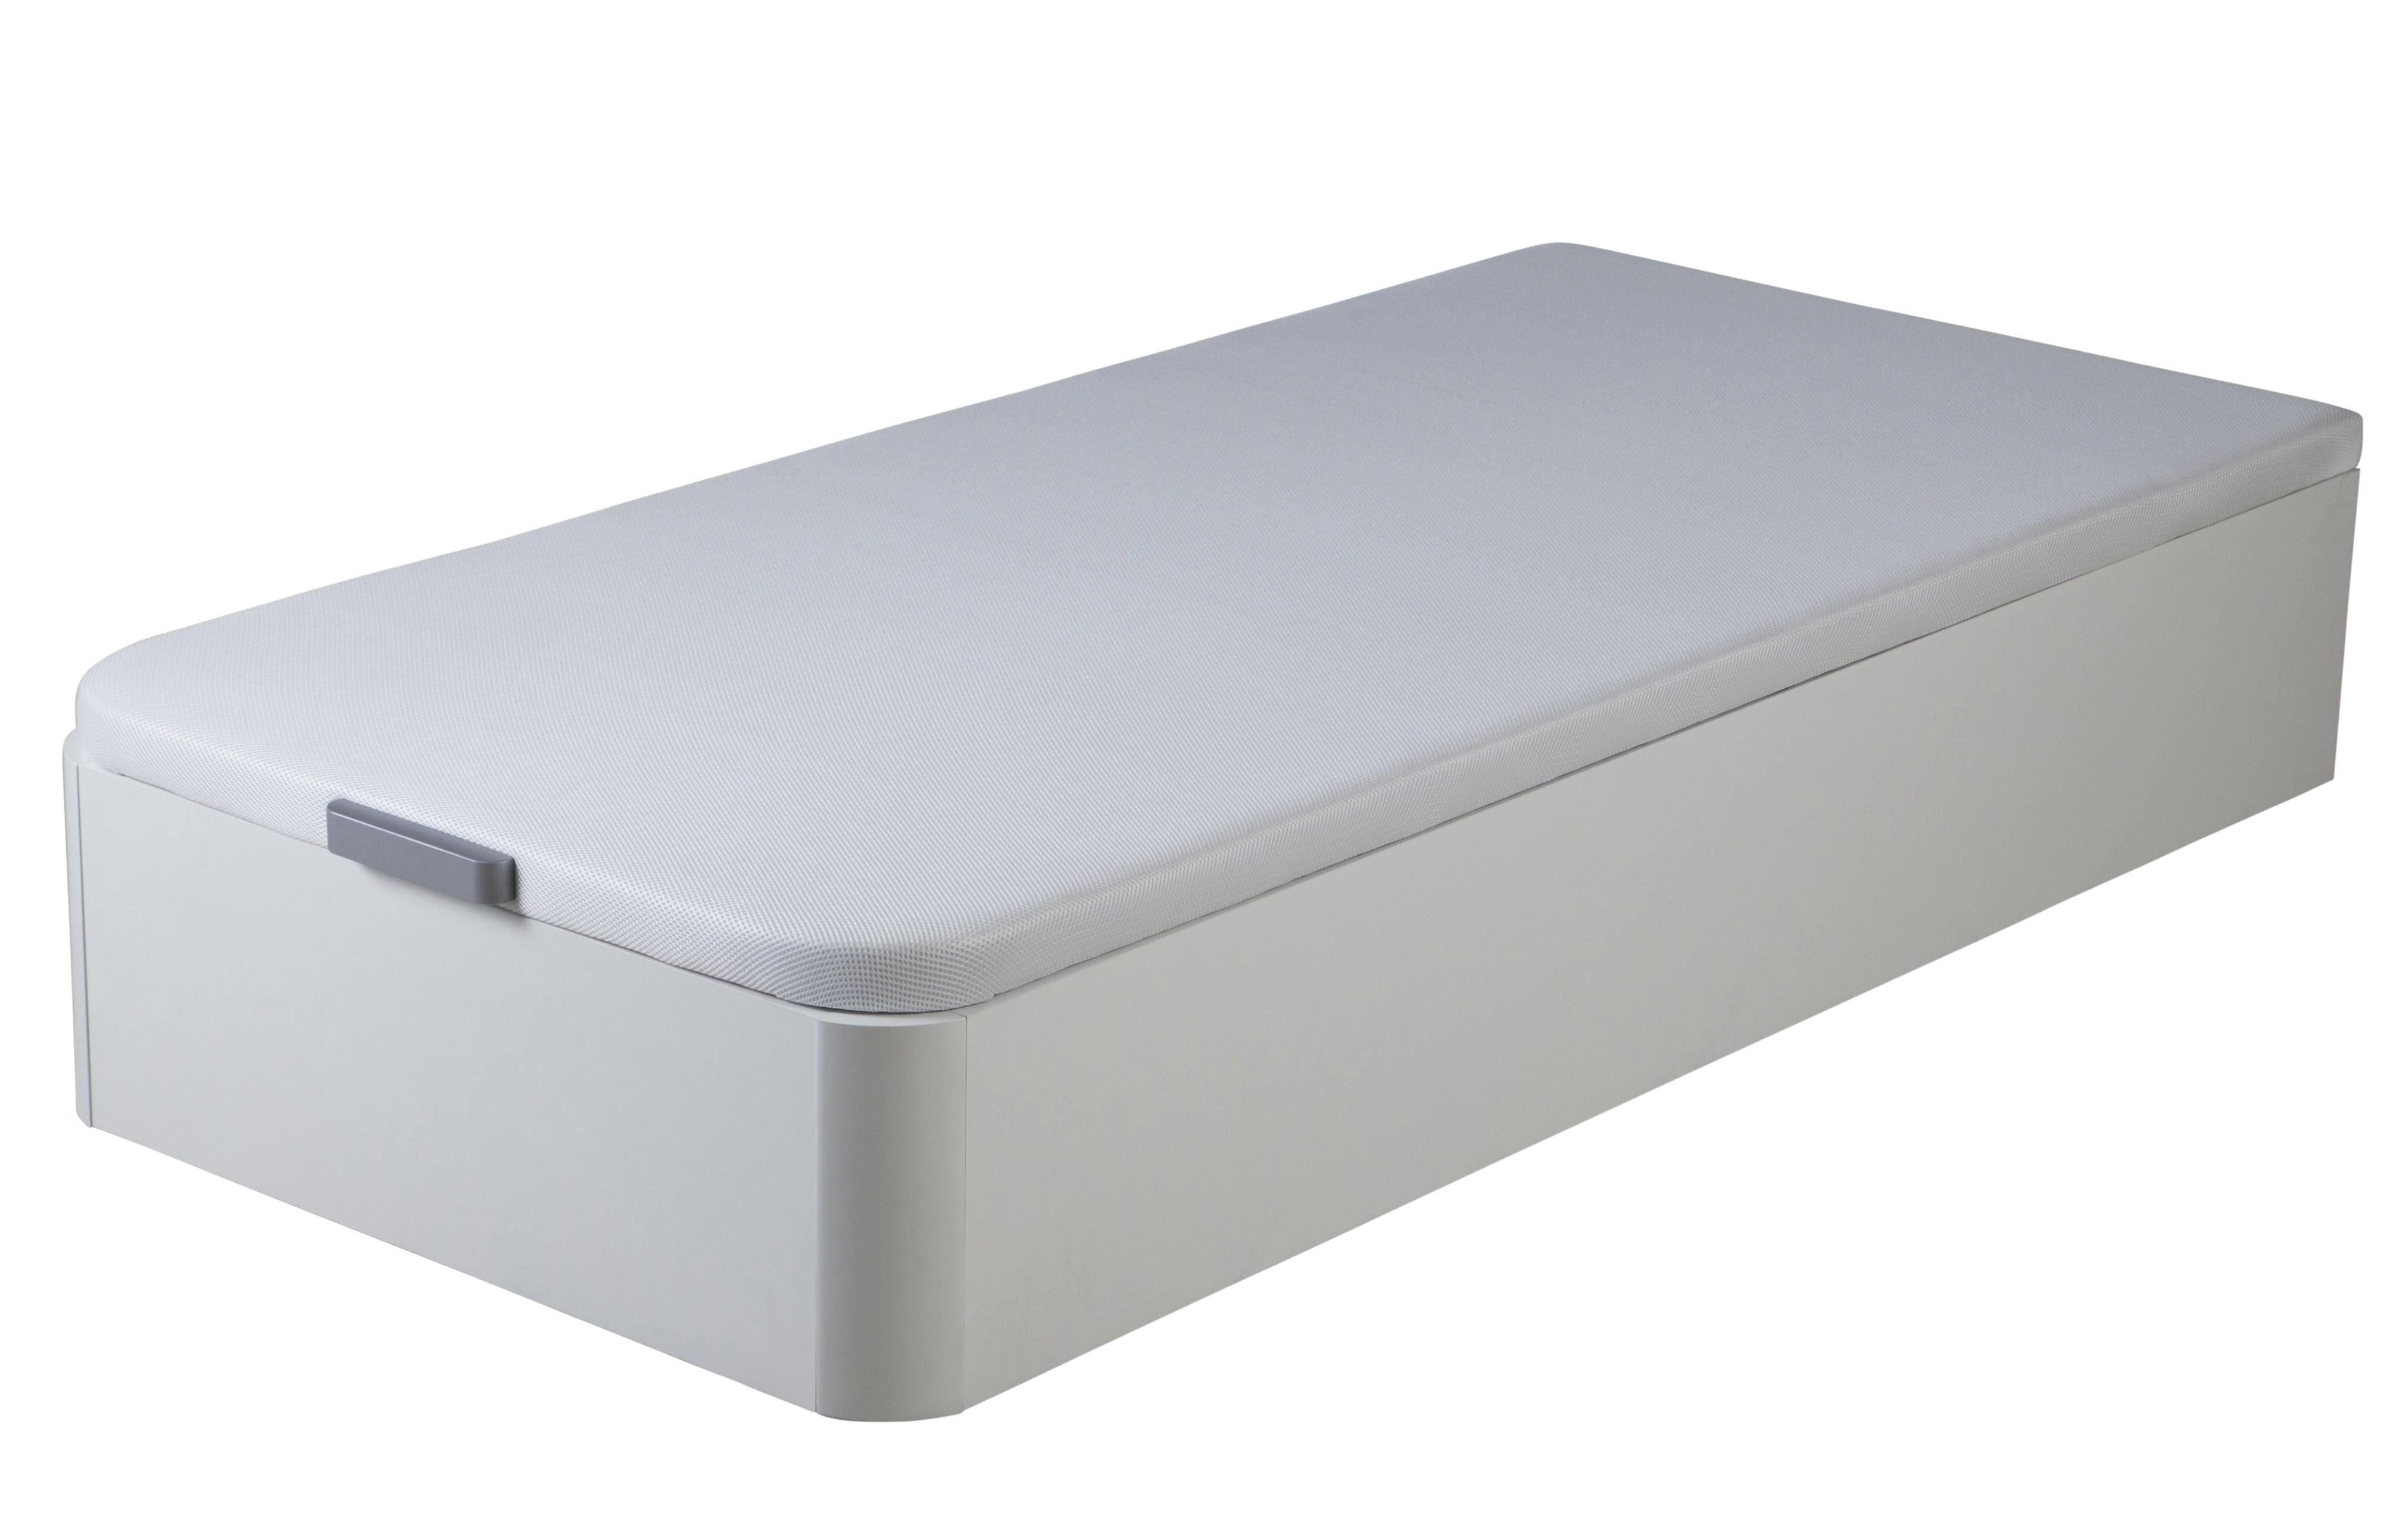 sommier lit coffre bois melamin blanc kosta 90. Black Bedroom Furniture Sets. Home Design Ideas